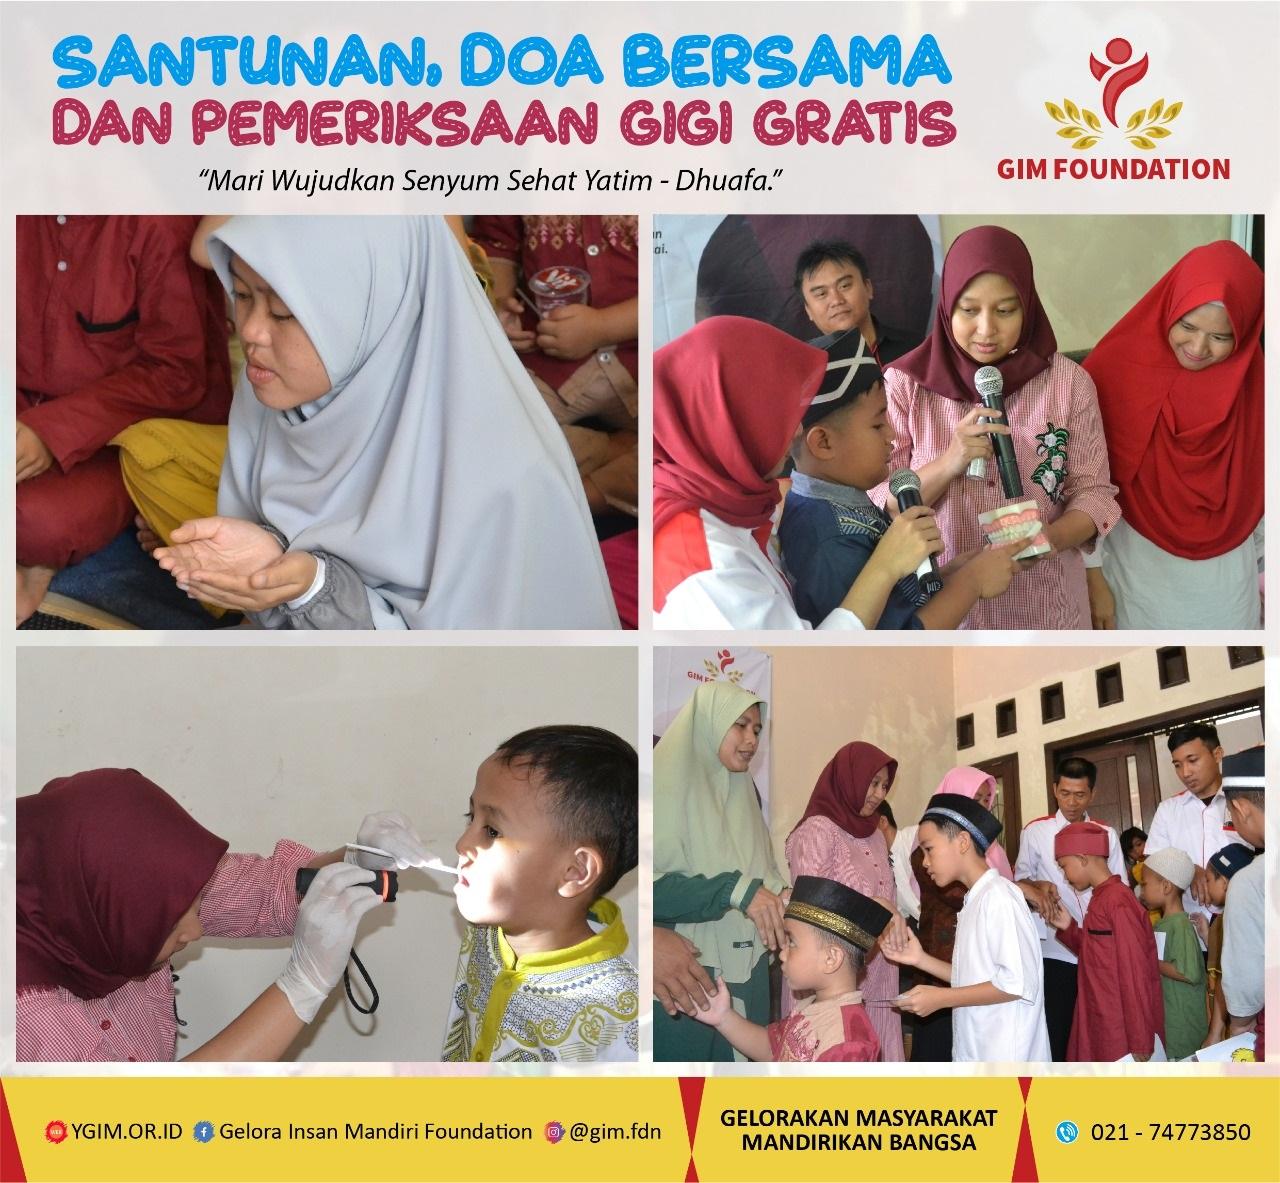 Santunan, Doa Bersama, Dan Pemeriksaan Gigi Gratis di Rumah Tahfidz Al Amanah